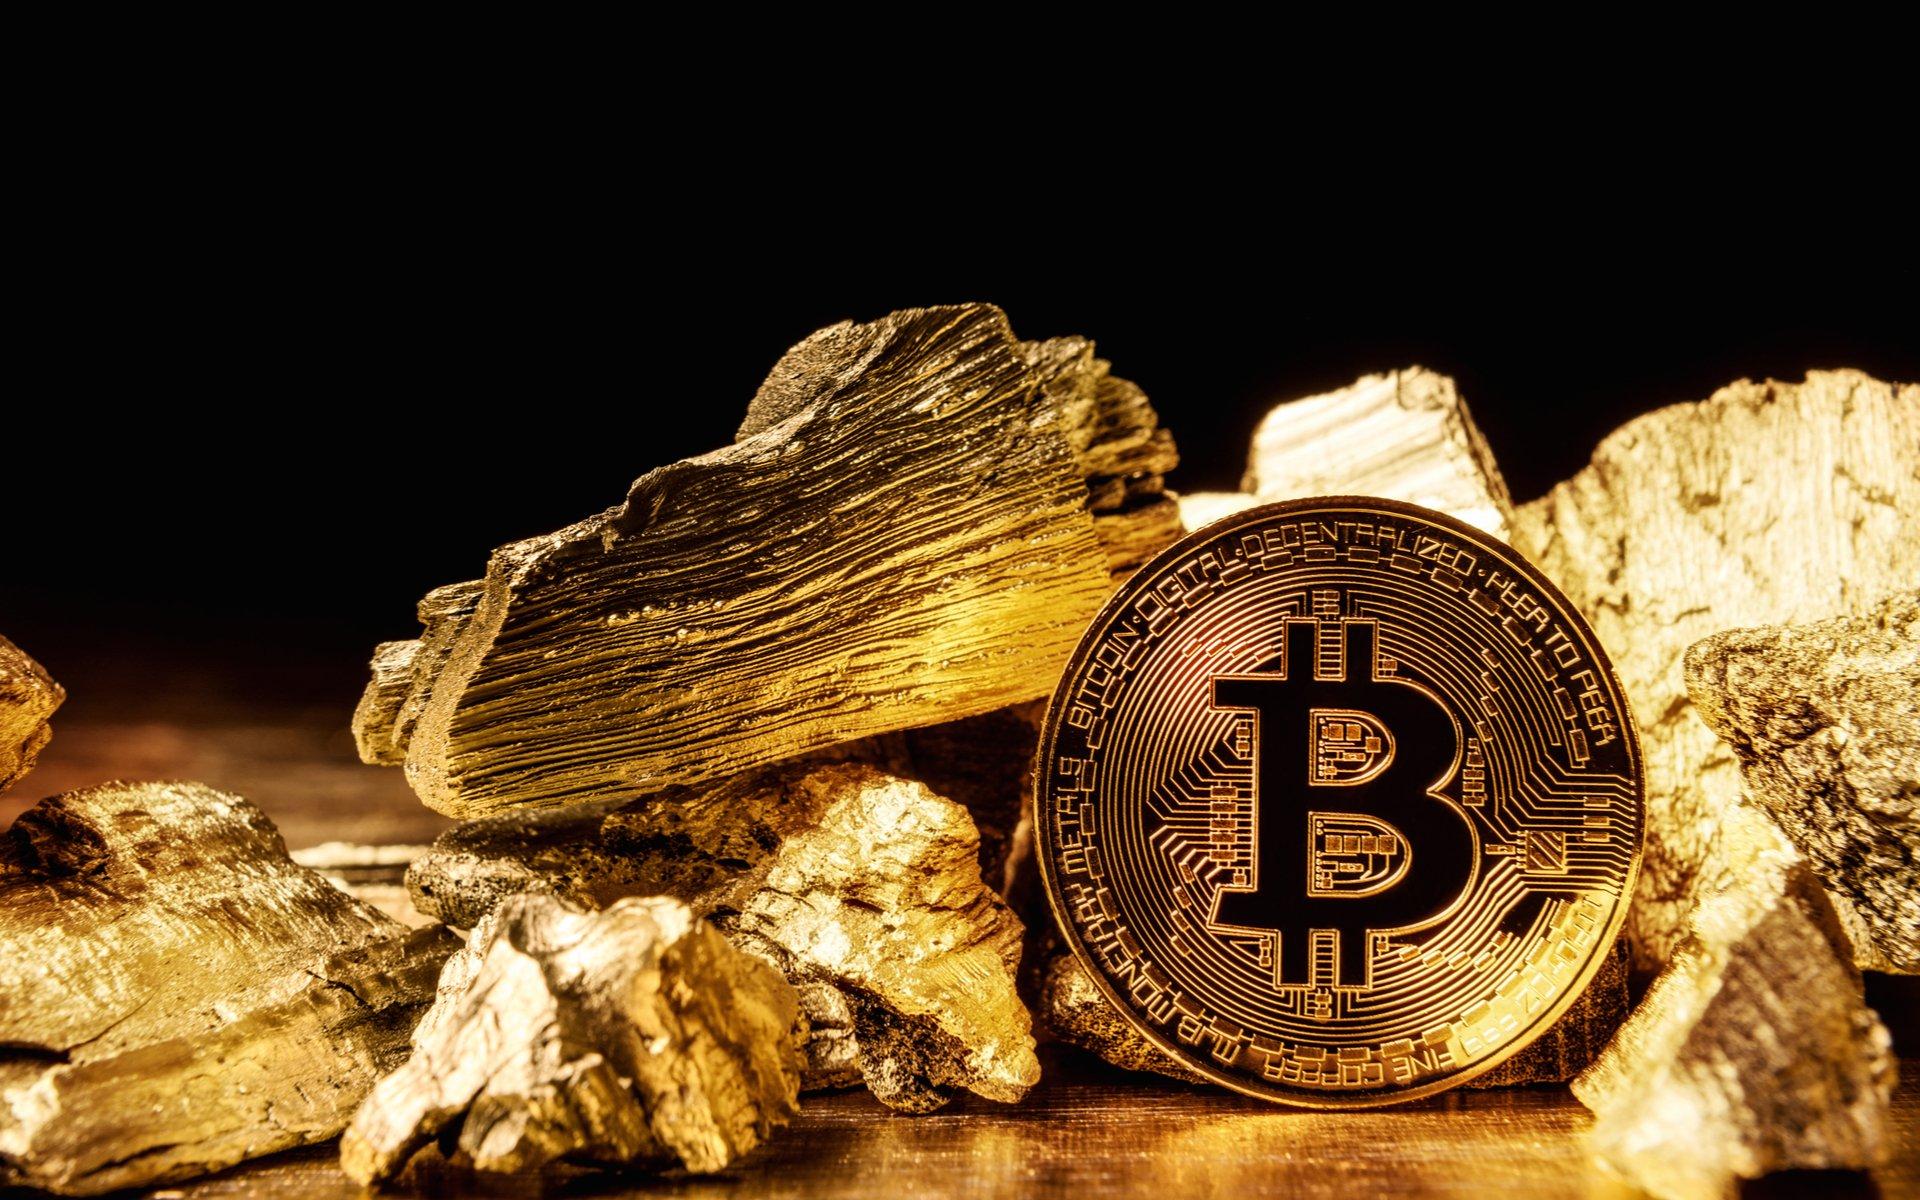 bitcoin altin ve sp500 den iyi performans gosteriyor